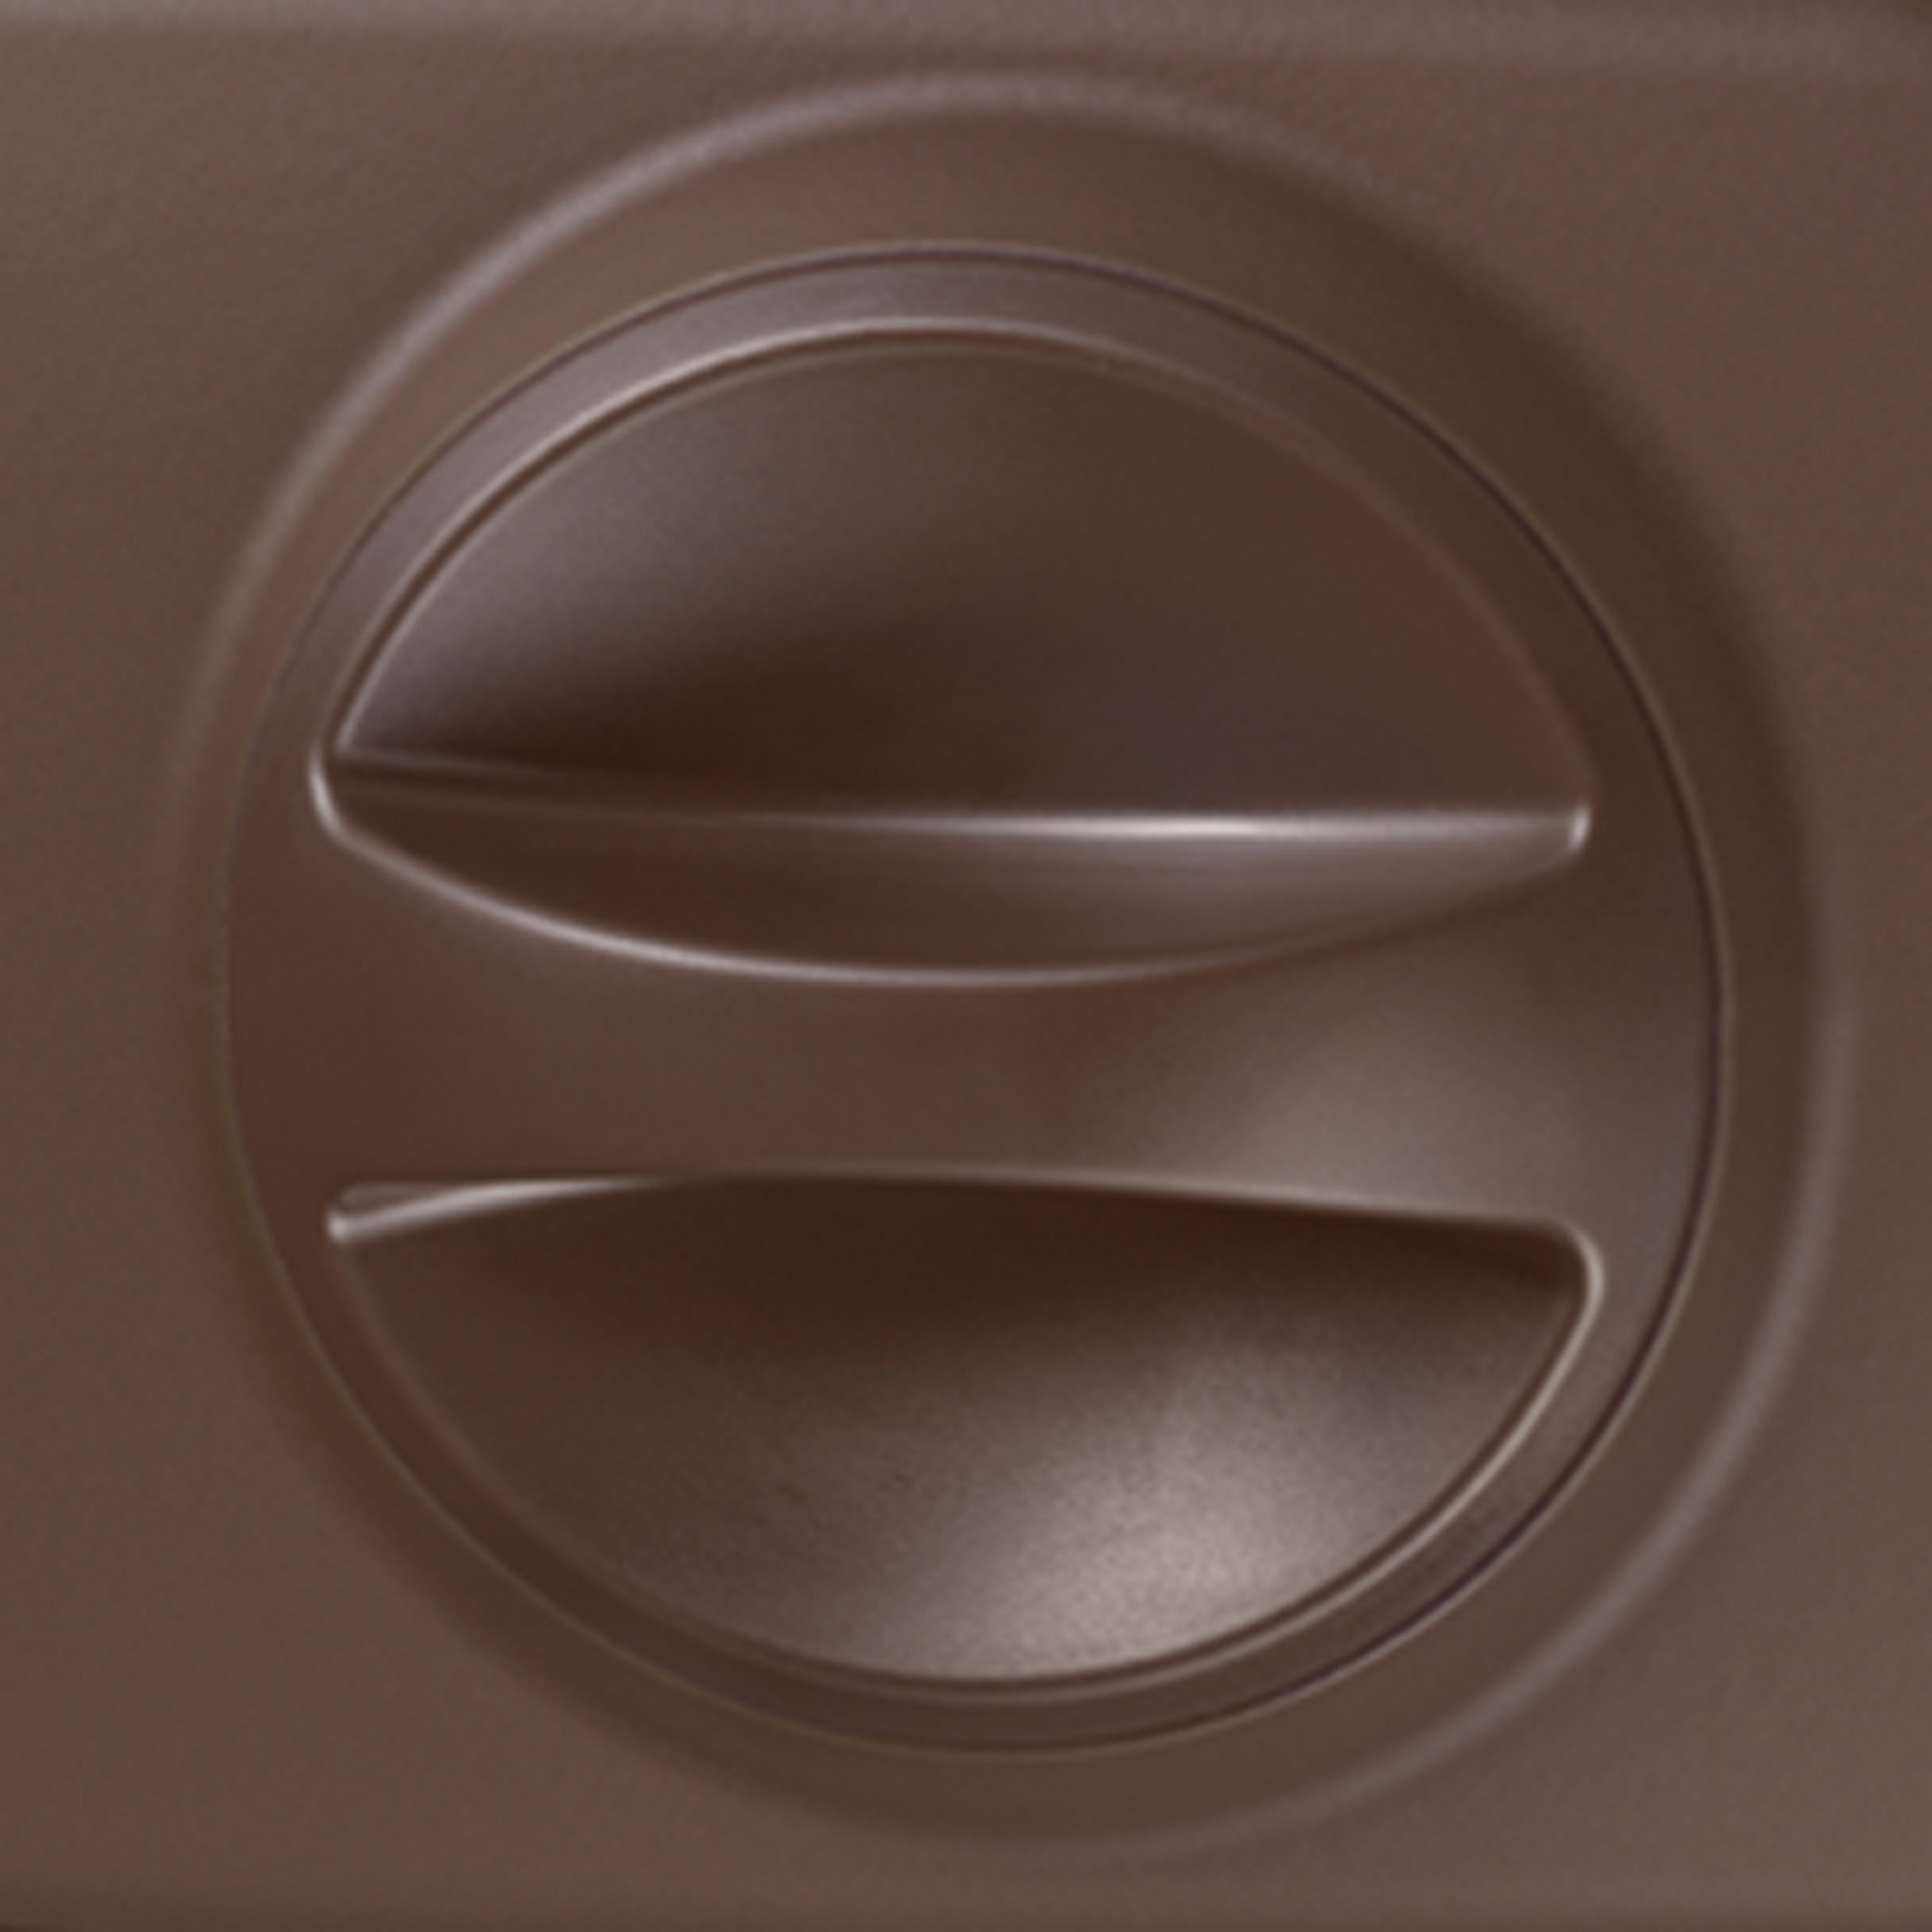 abus t r zusatzschloss 7010 er look ohne sperrb gel edelstahlopt. Black Bedroom Furniture Sets. Home Design Ideas